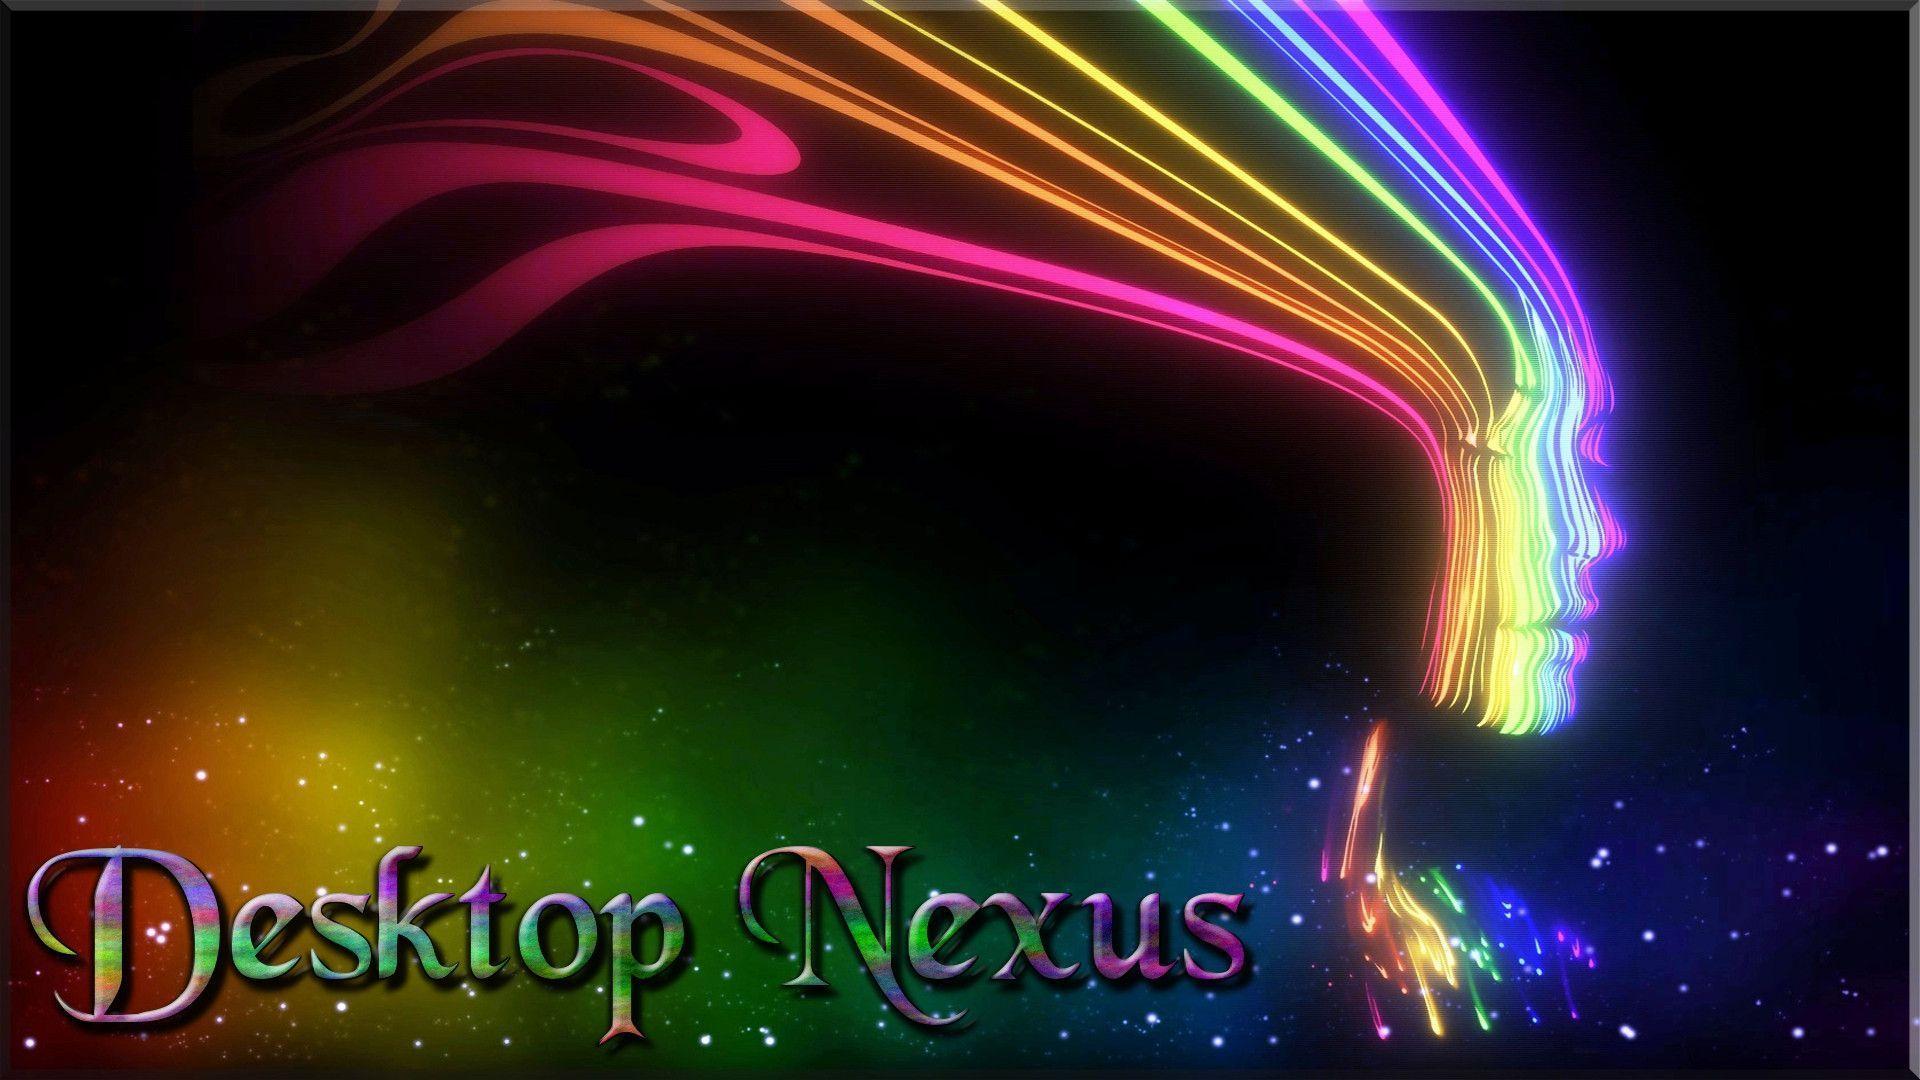 Nexus 5 Wallpaper 1920x1080: Free Desktop Wallpapers Nexus